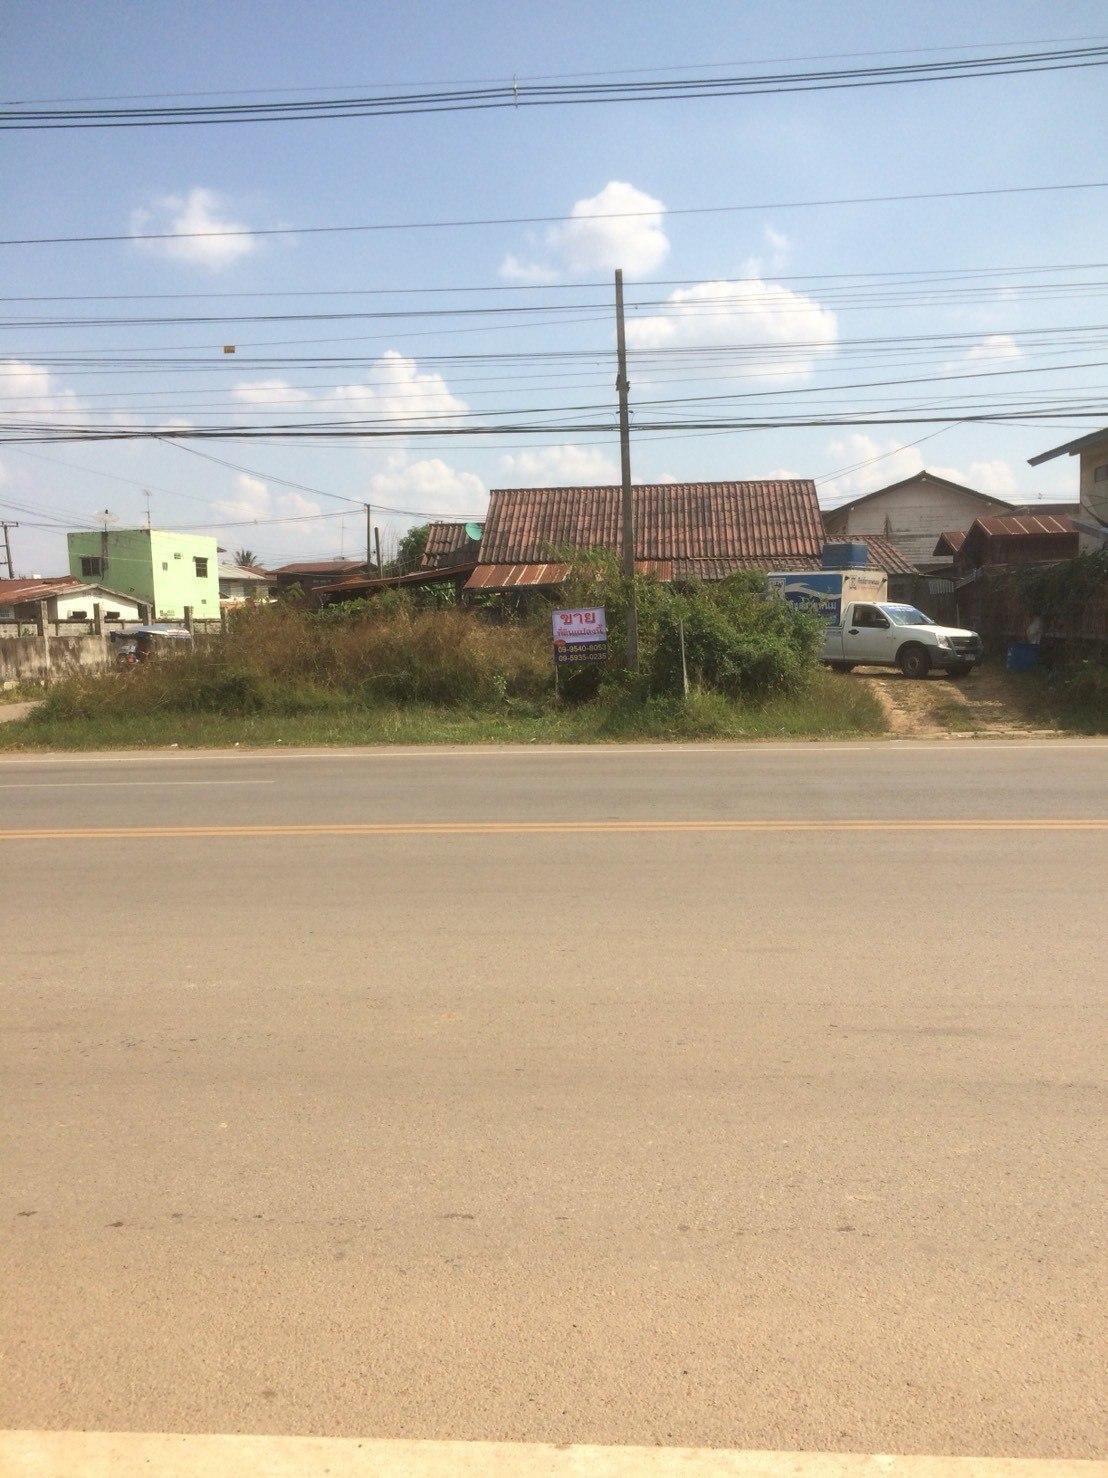 ขายที่ดินเปล่า ถนนบายพาสธาตุพนม